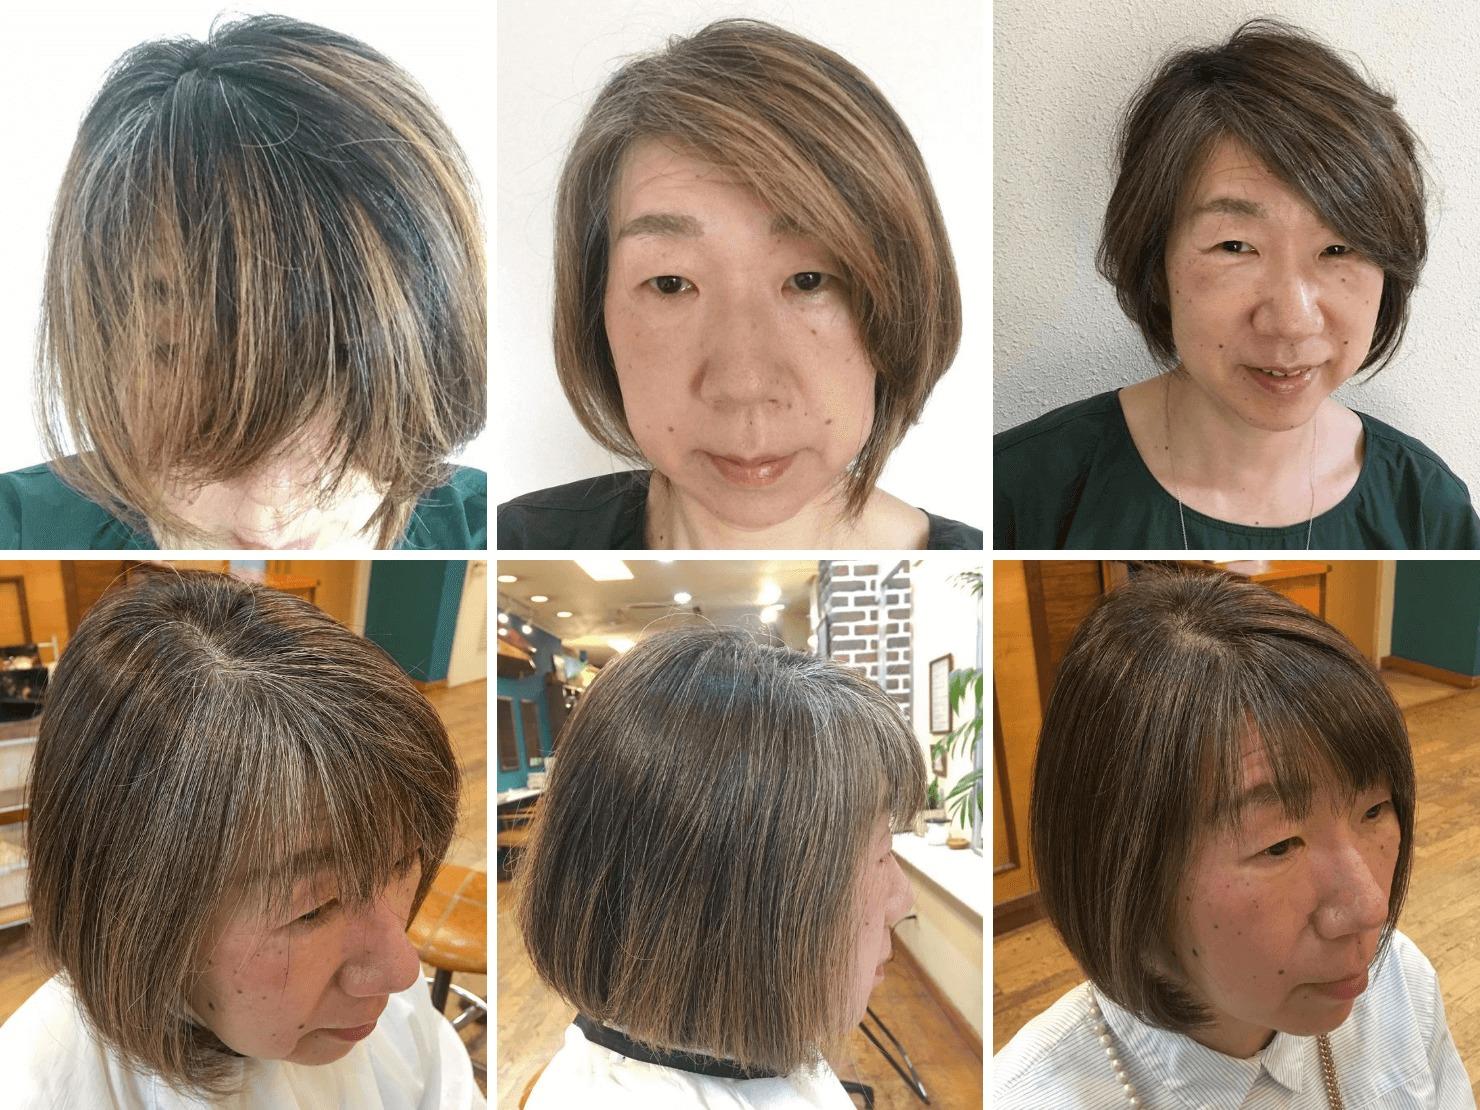 グレイヘアを目指すガッツの髪色の写真